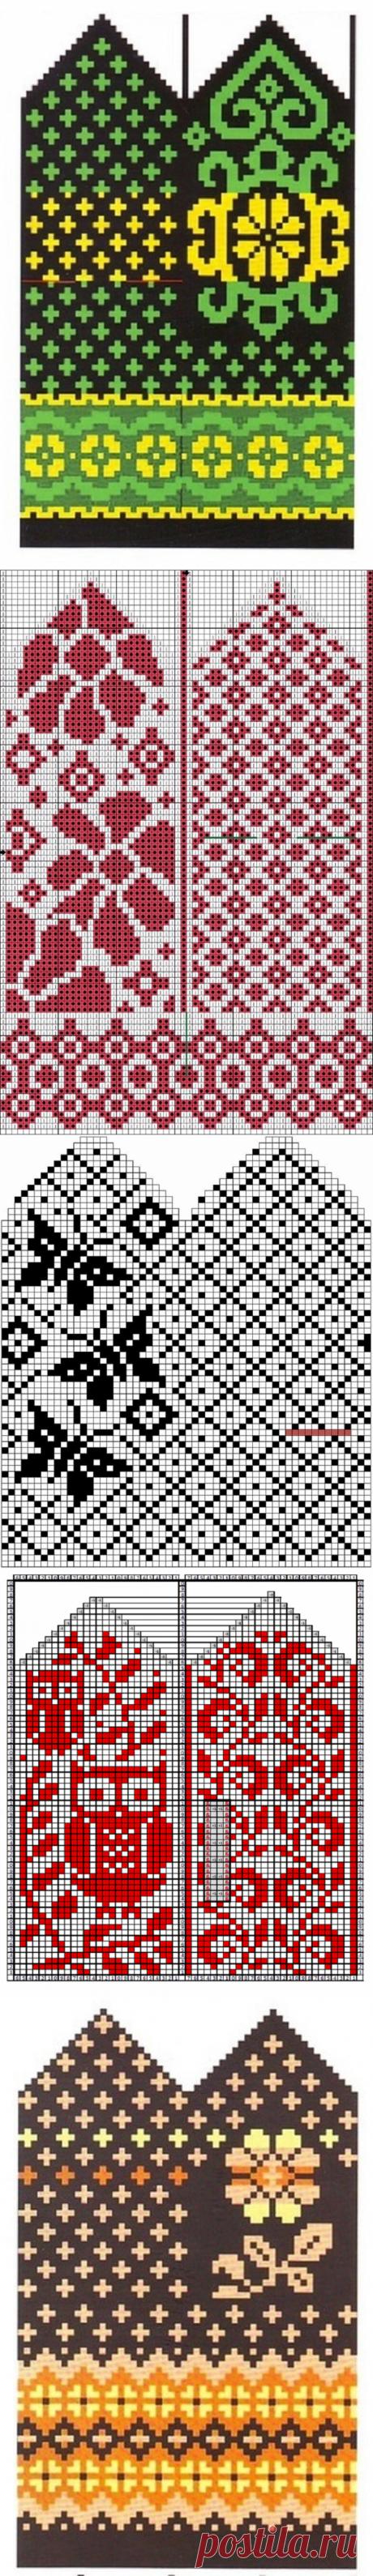 Вяжем спицами варежки: 15 жаккардовых узоров | Рукоделие с Татьяной Н | Яндекс Дзен